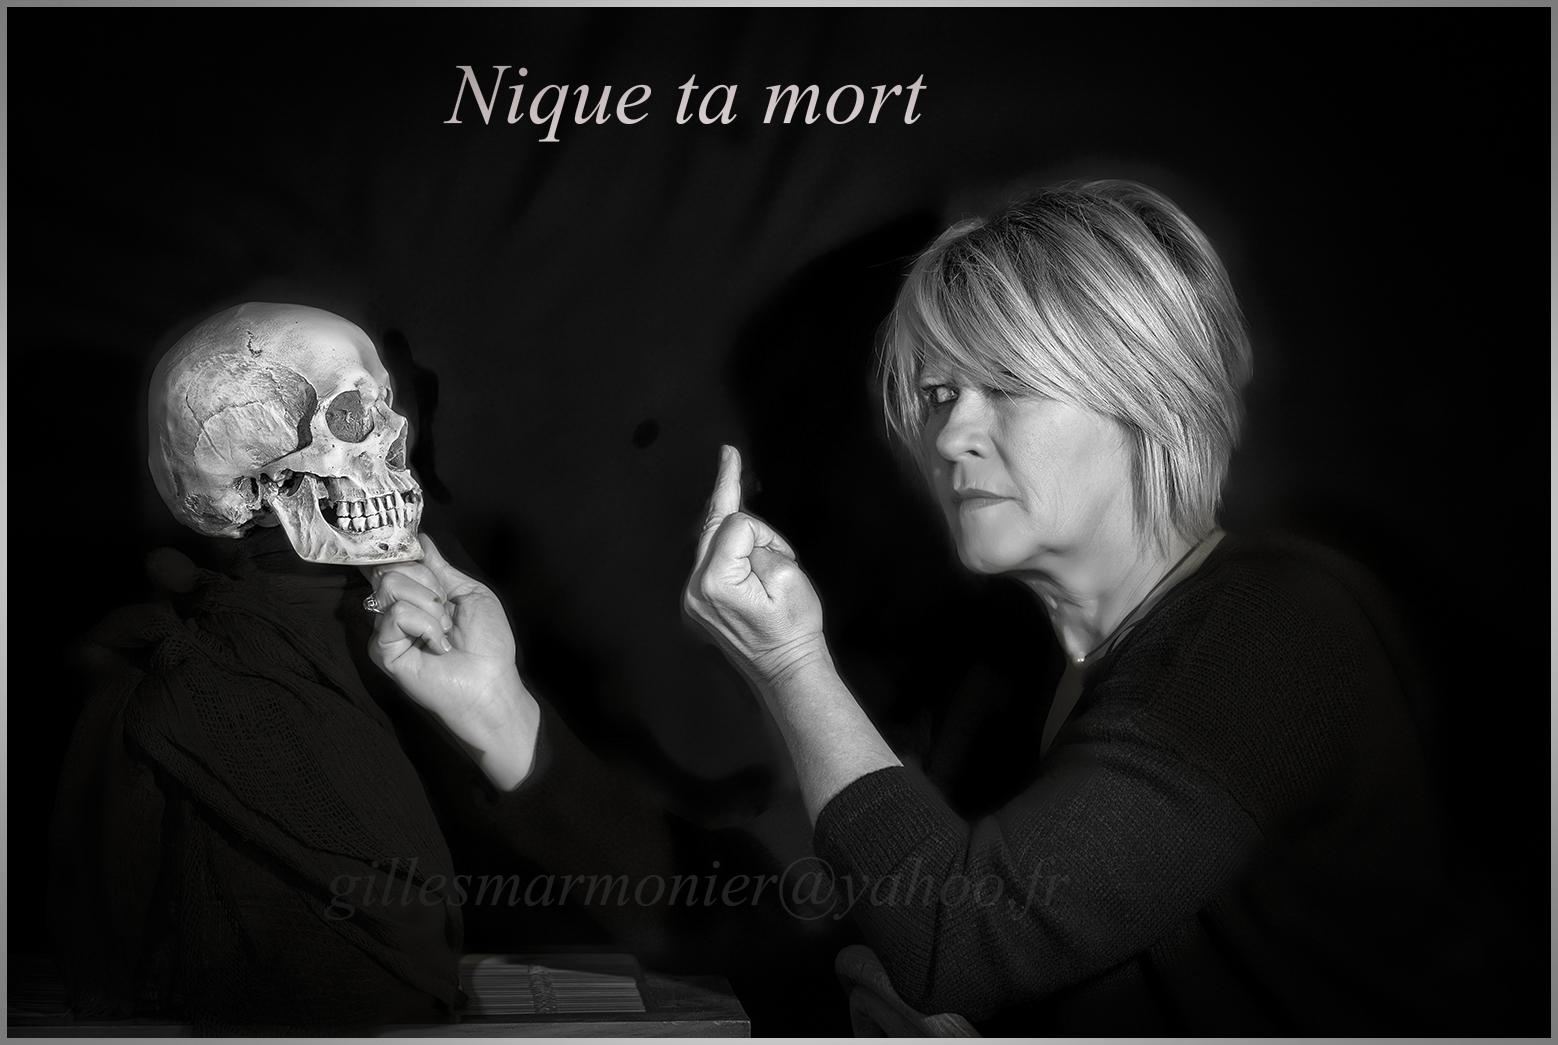 nique ta mort